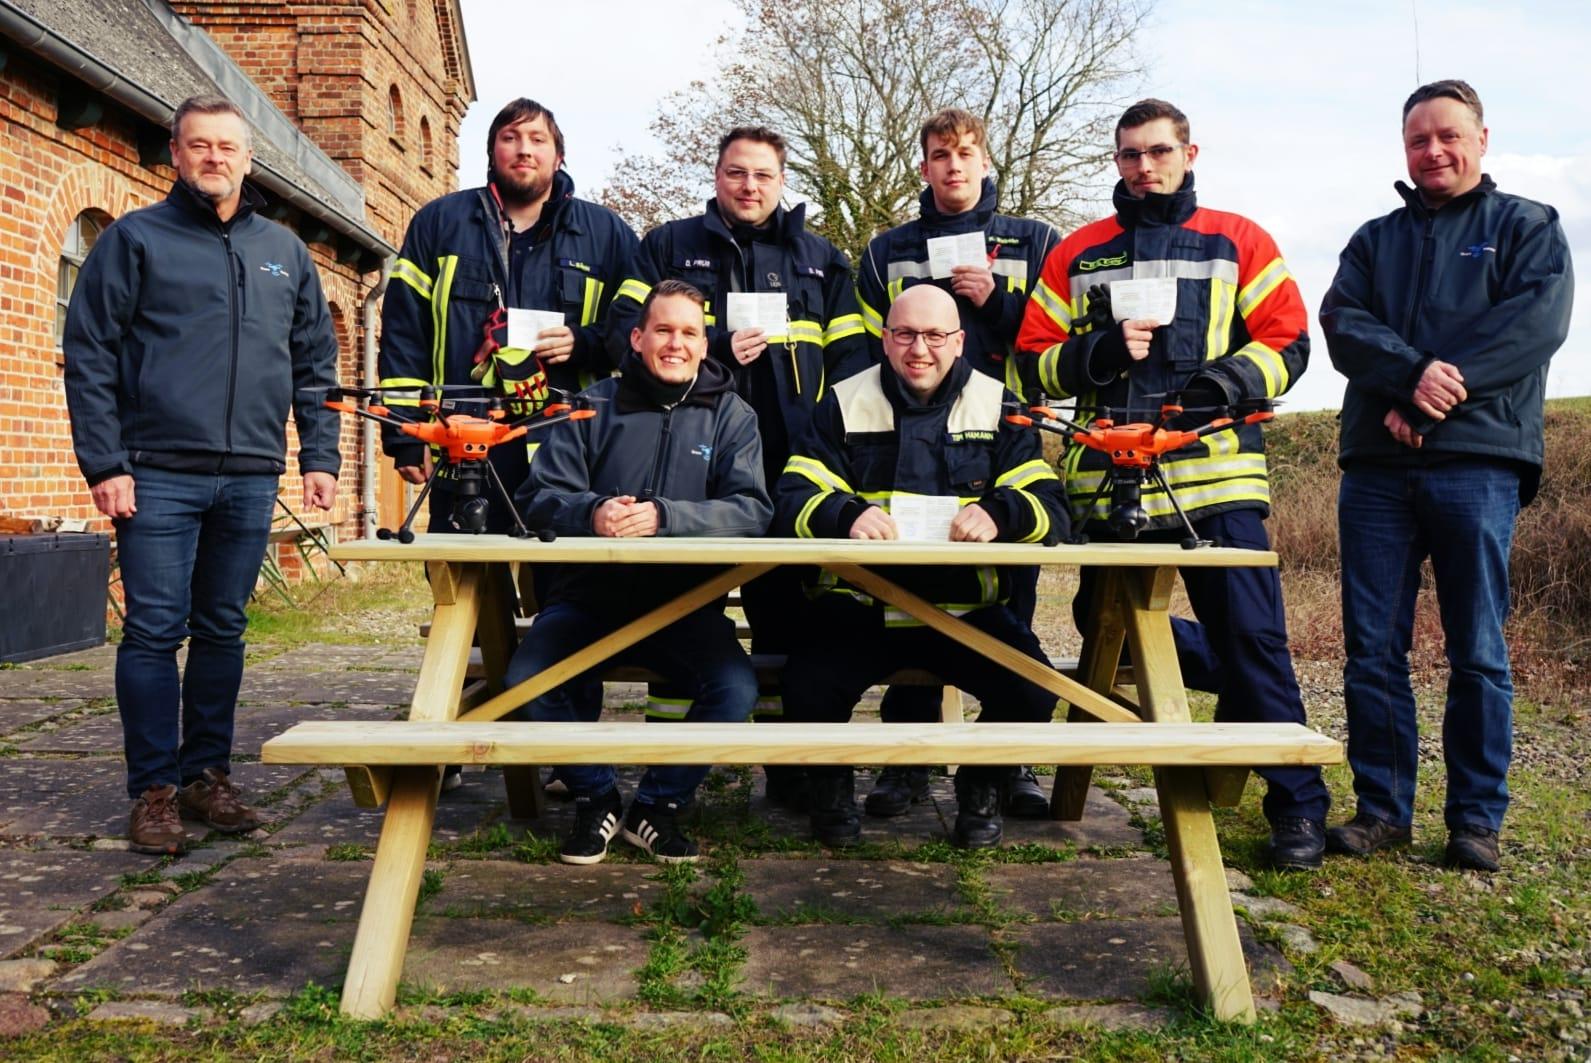 Drohnenschulung für die Feuerwehr Amt Ostholstein Mitte